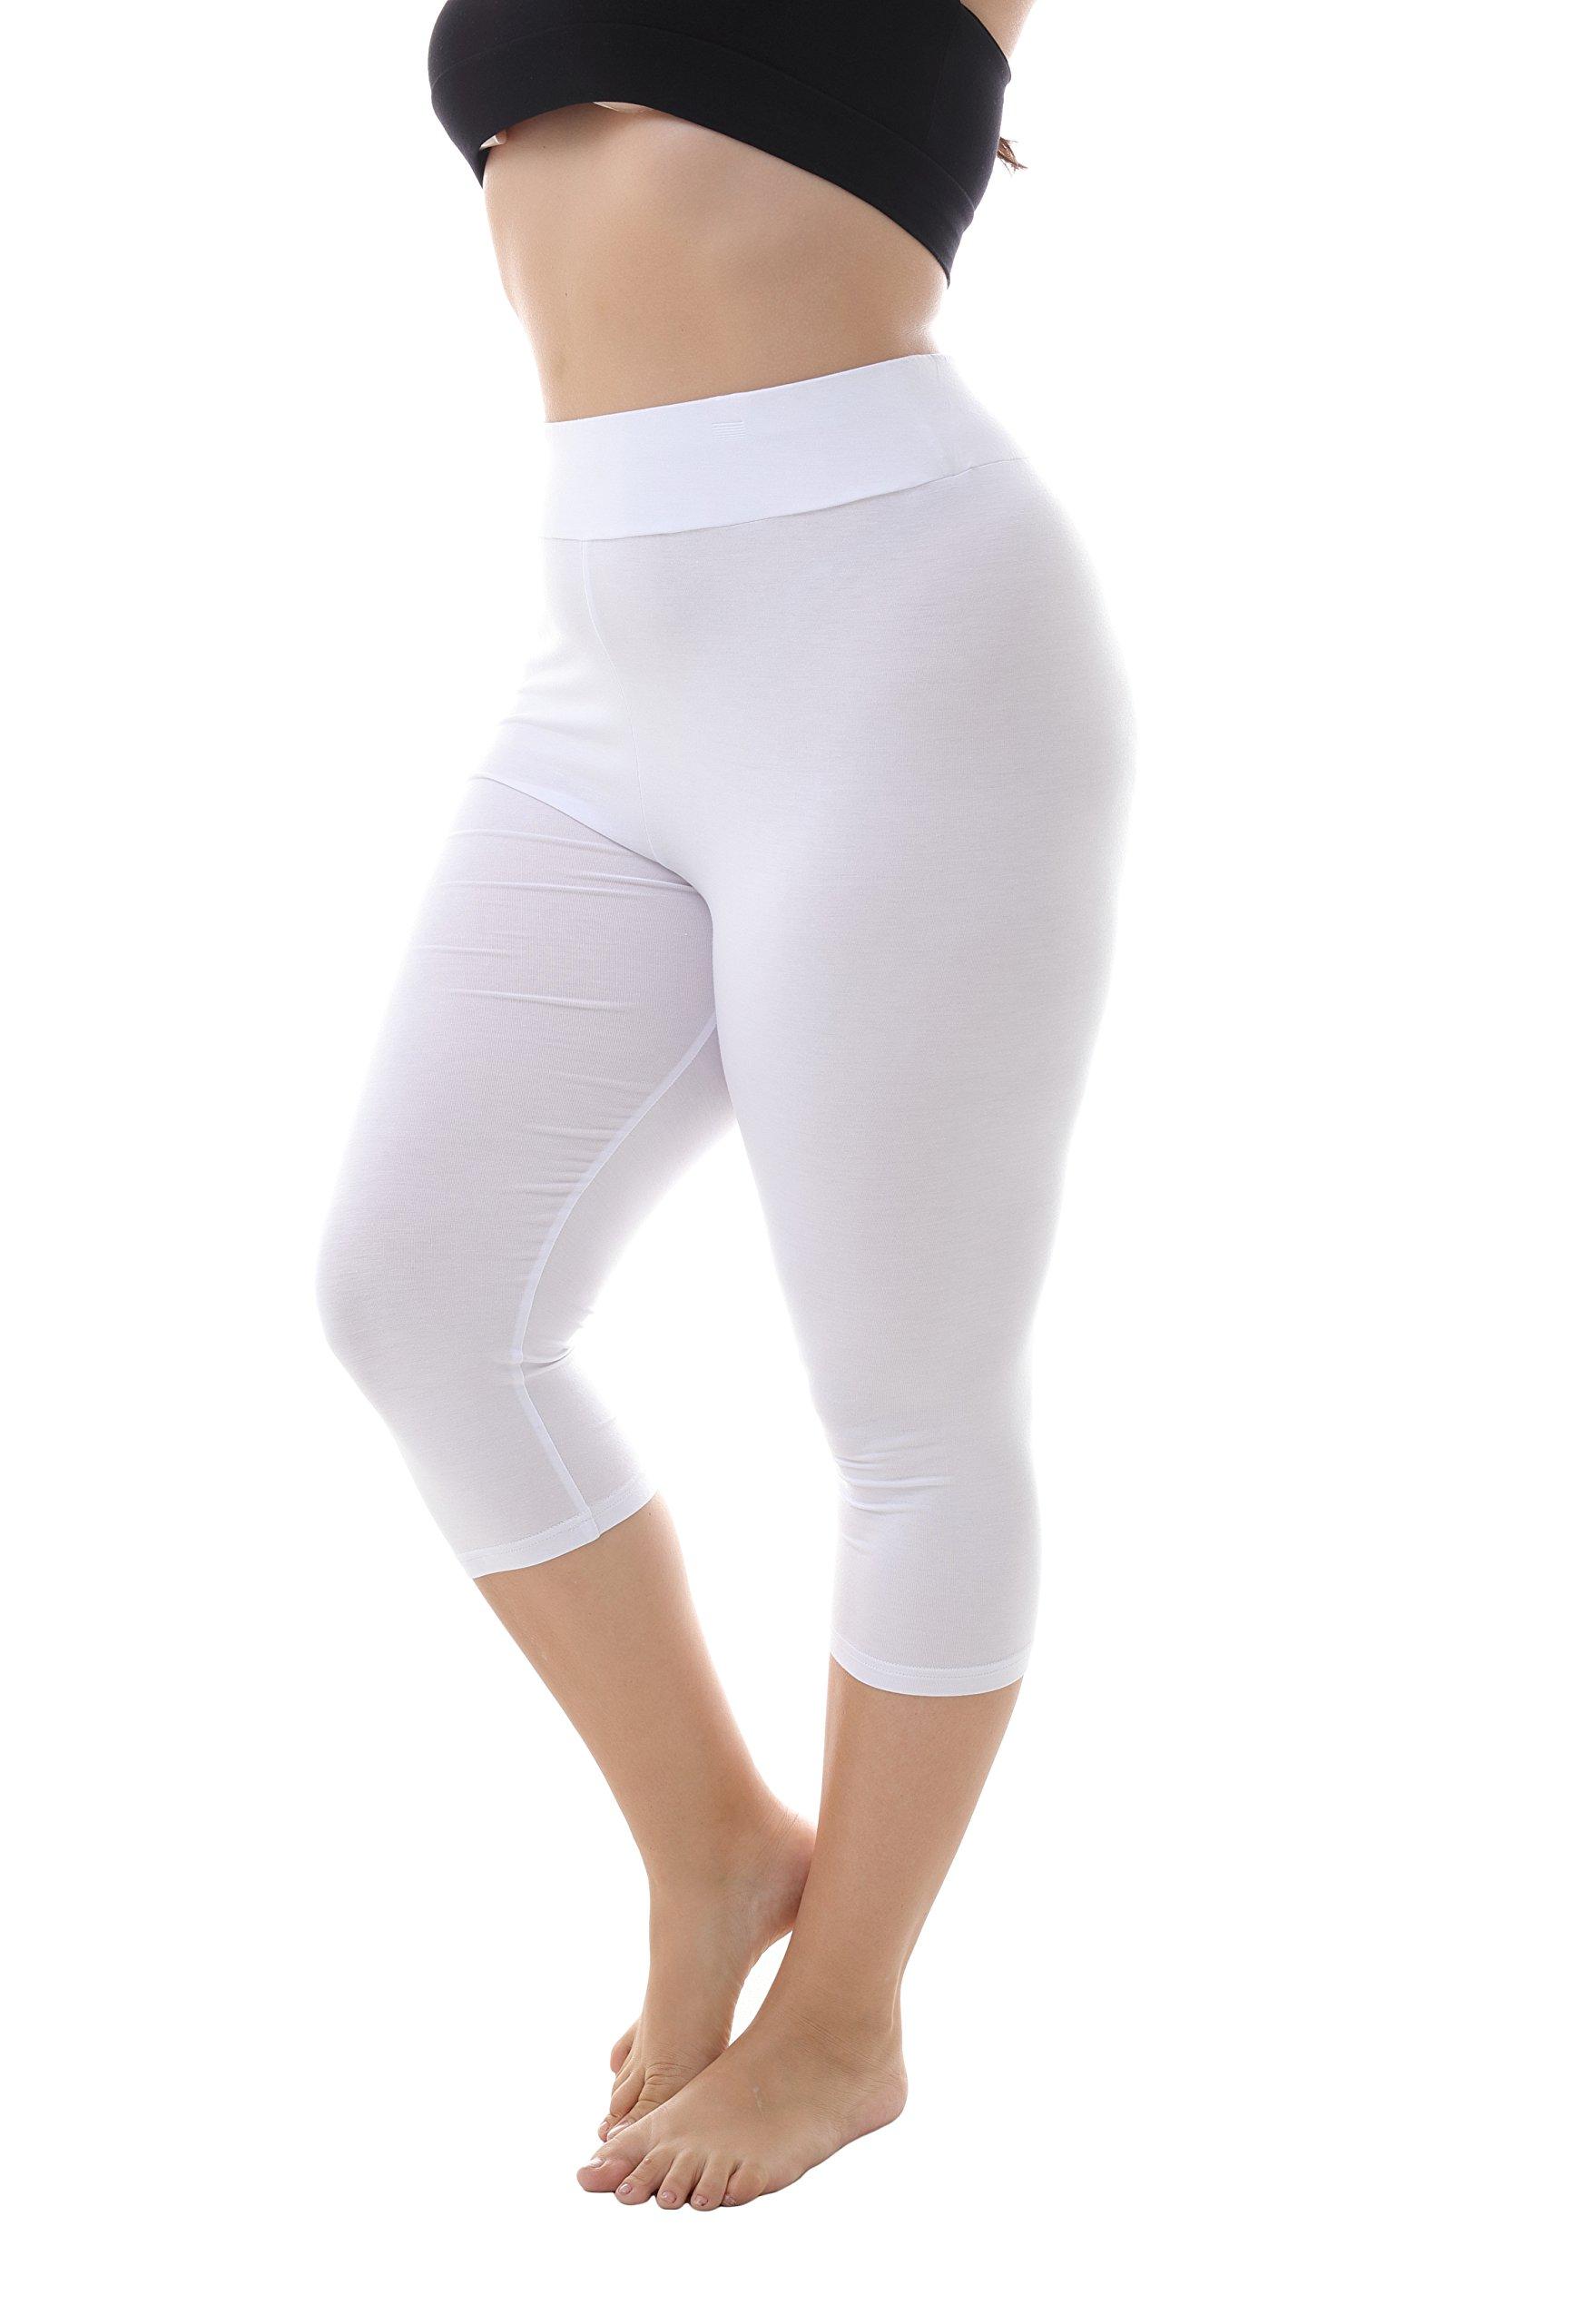 ZERDOCEAN Women's Plus Size Modal High Waist Capri Leggings for Summer White 2X